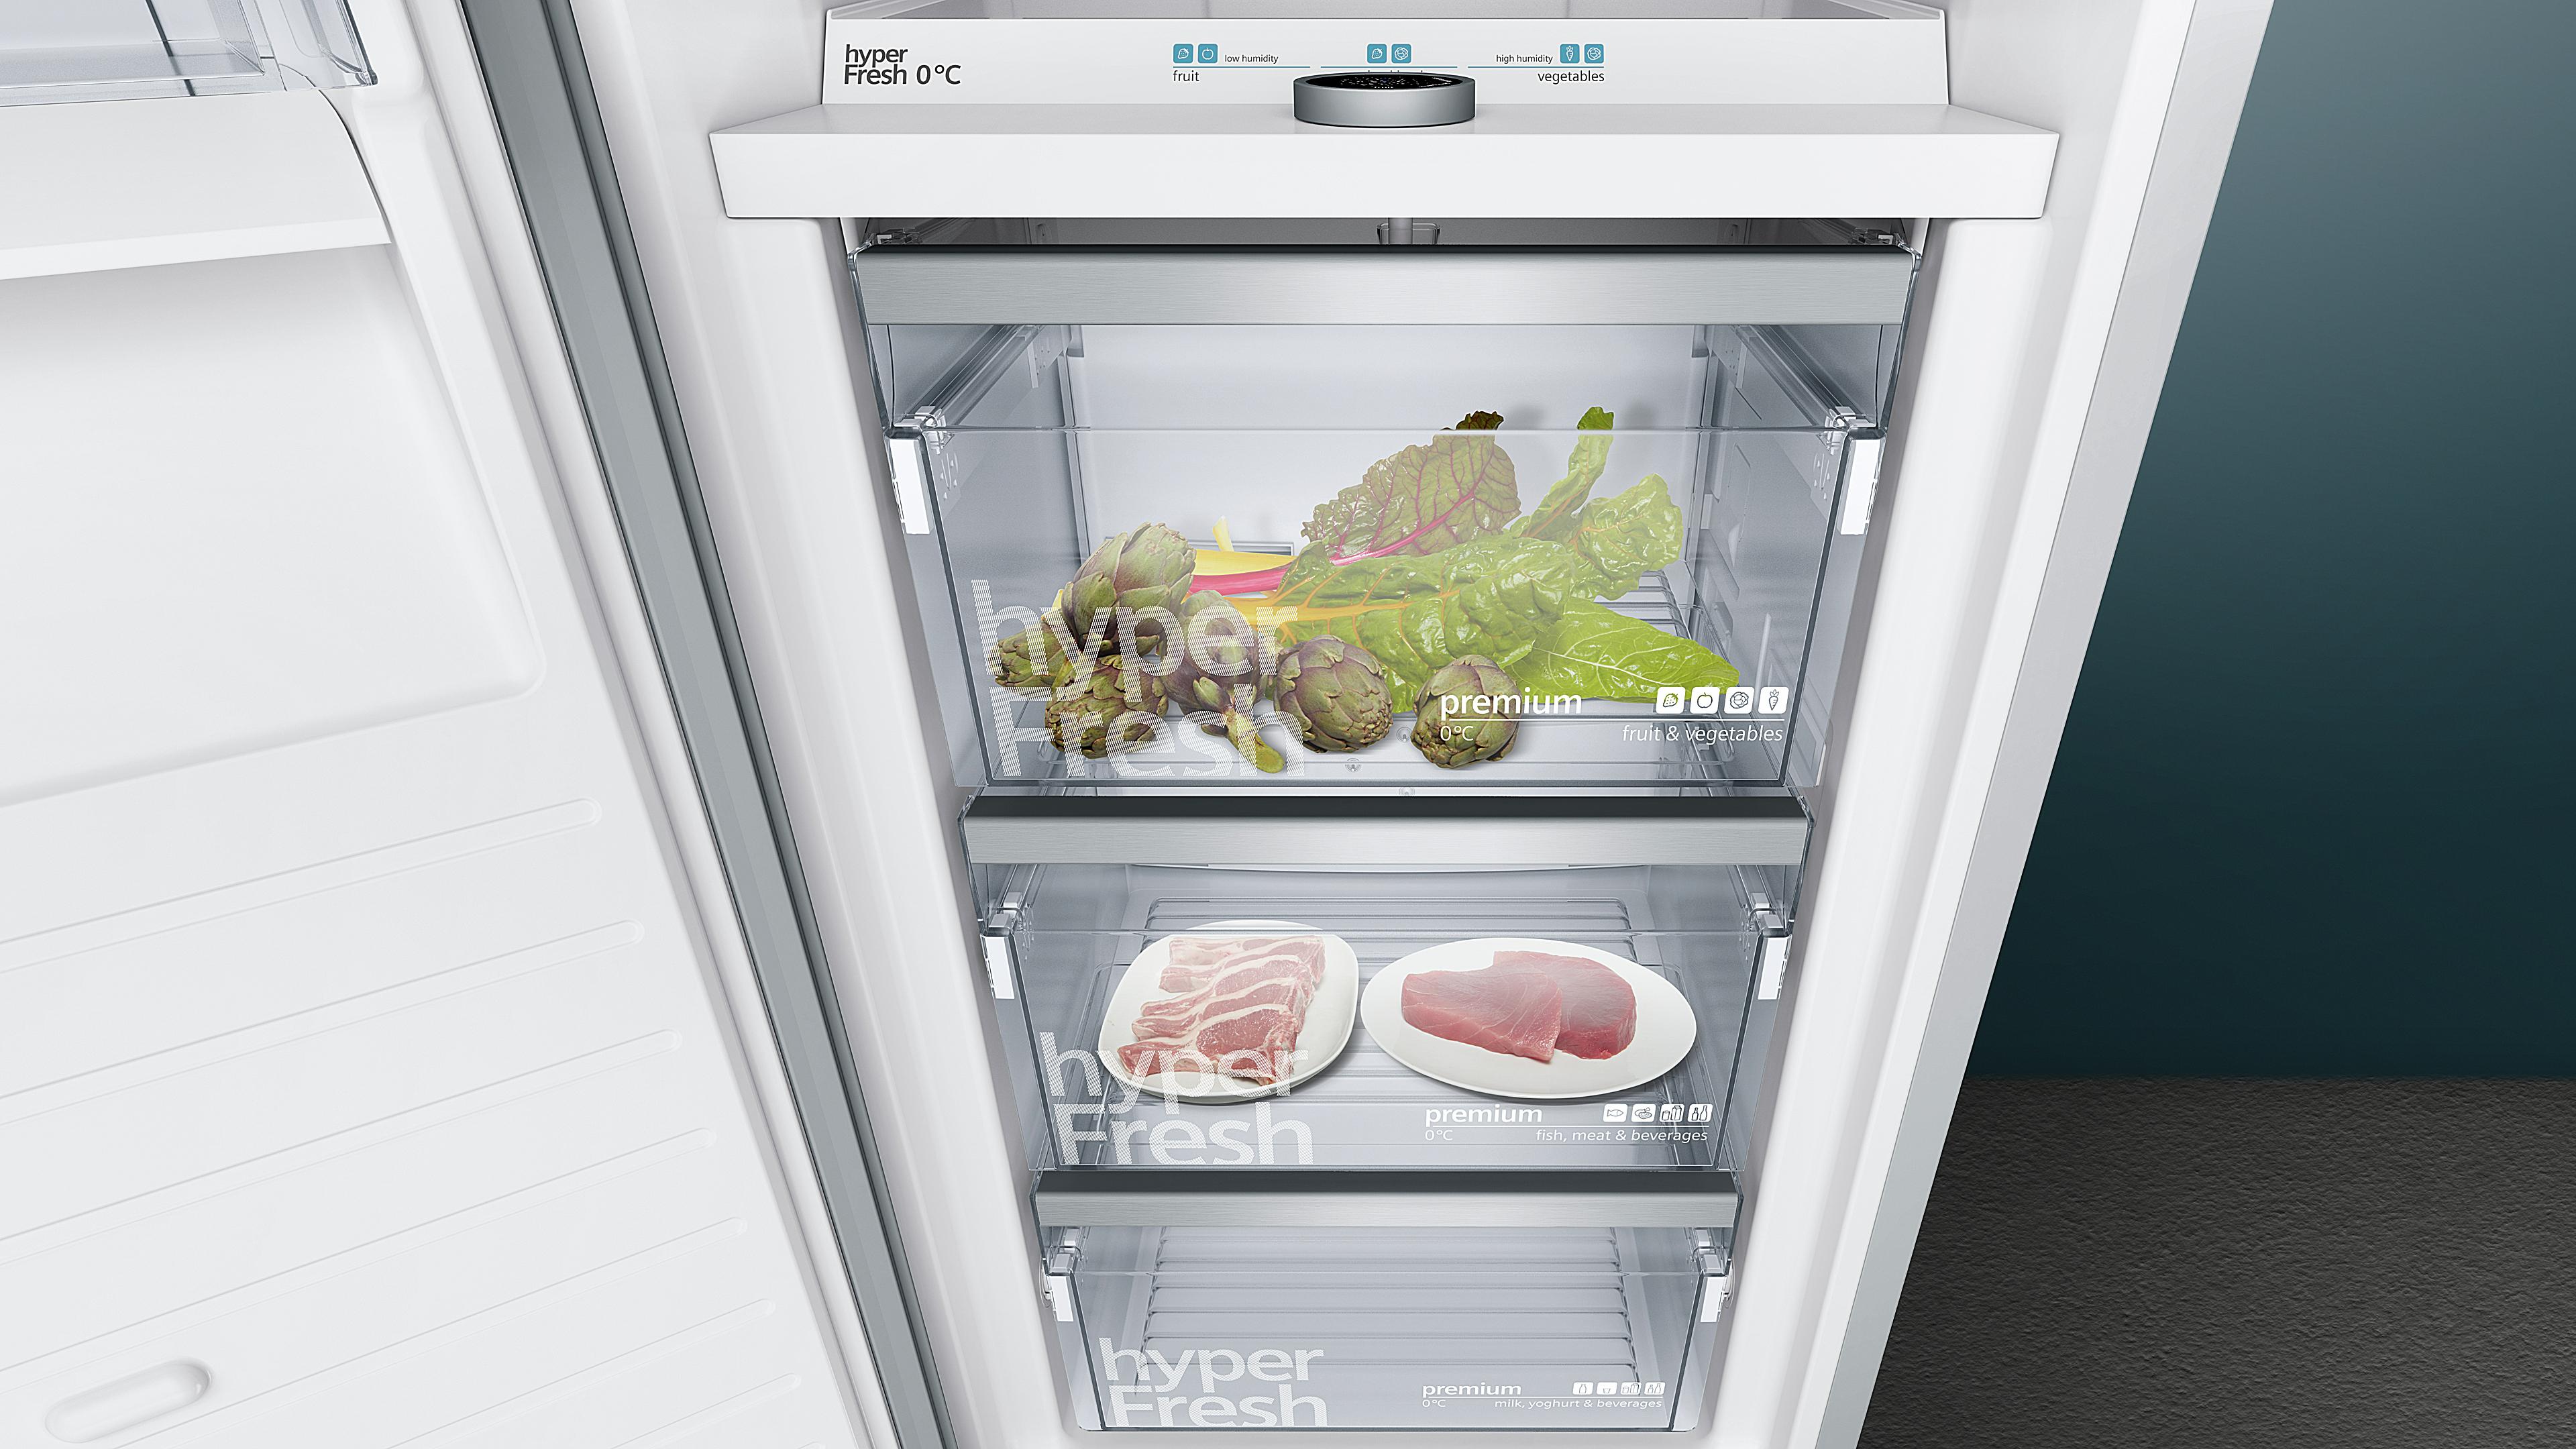 Siemens Kühlschrank Rollen : Kühlschrank siemens electrogeräte gmbh ks36fpi4p küche&co